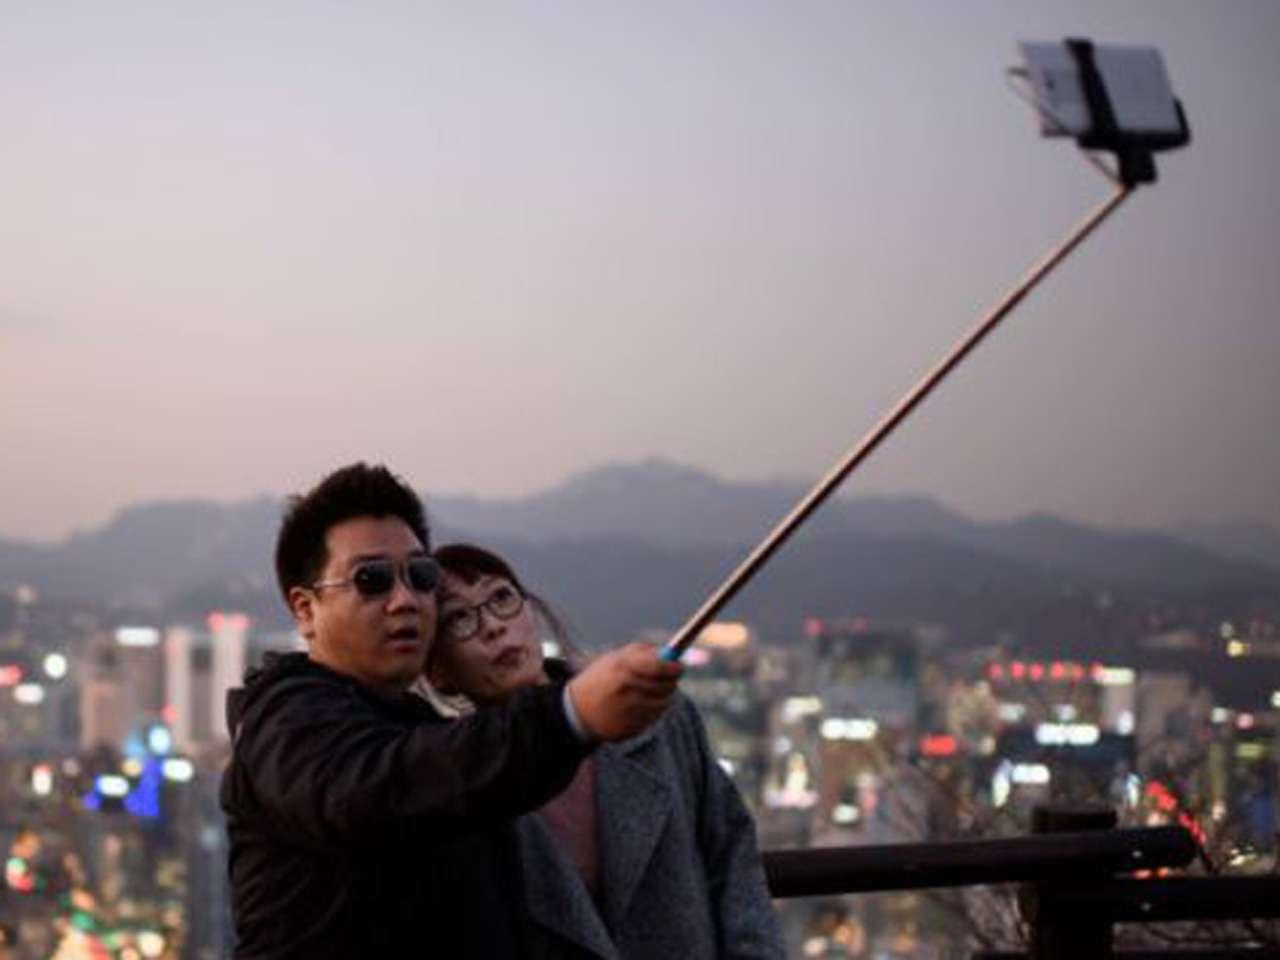 ¿Es esto un selfie, un couplie o un usie? Foto: Getty Images